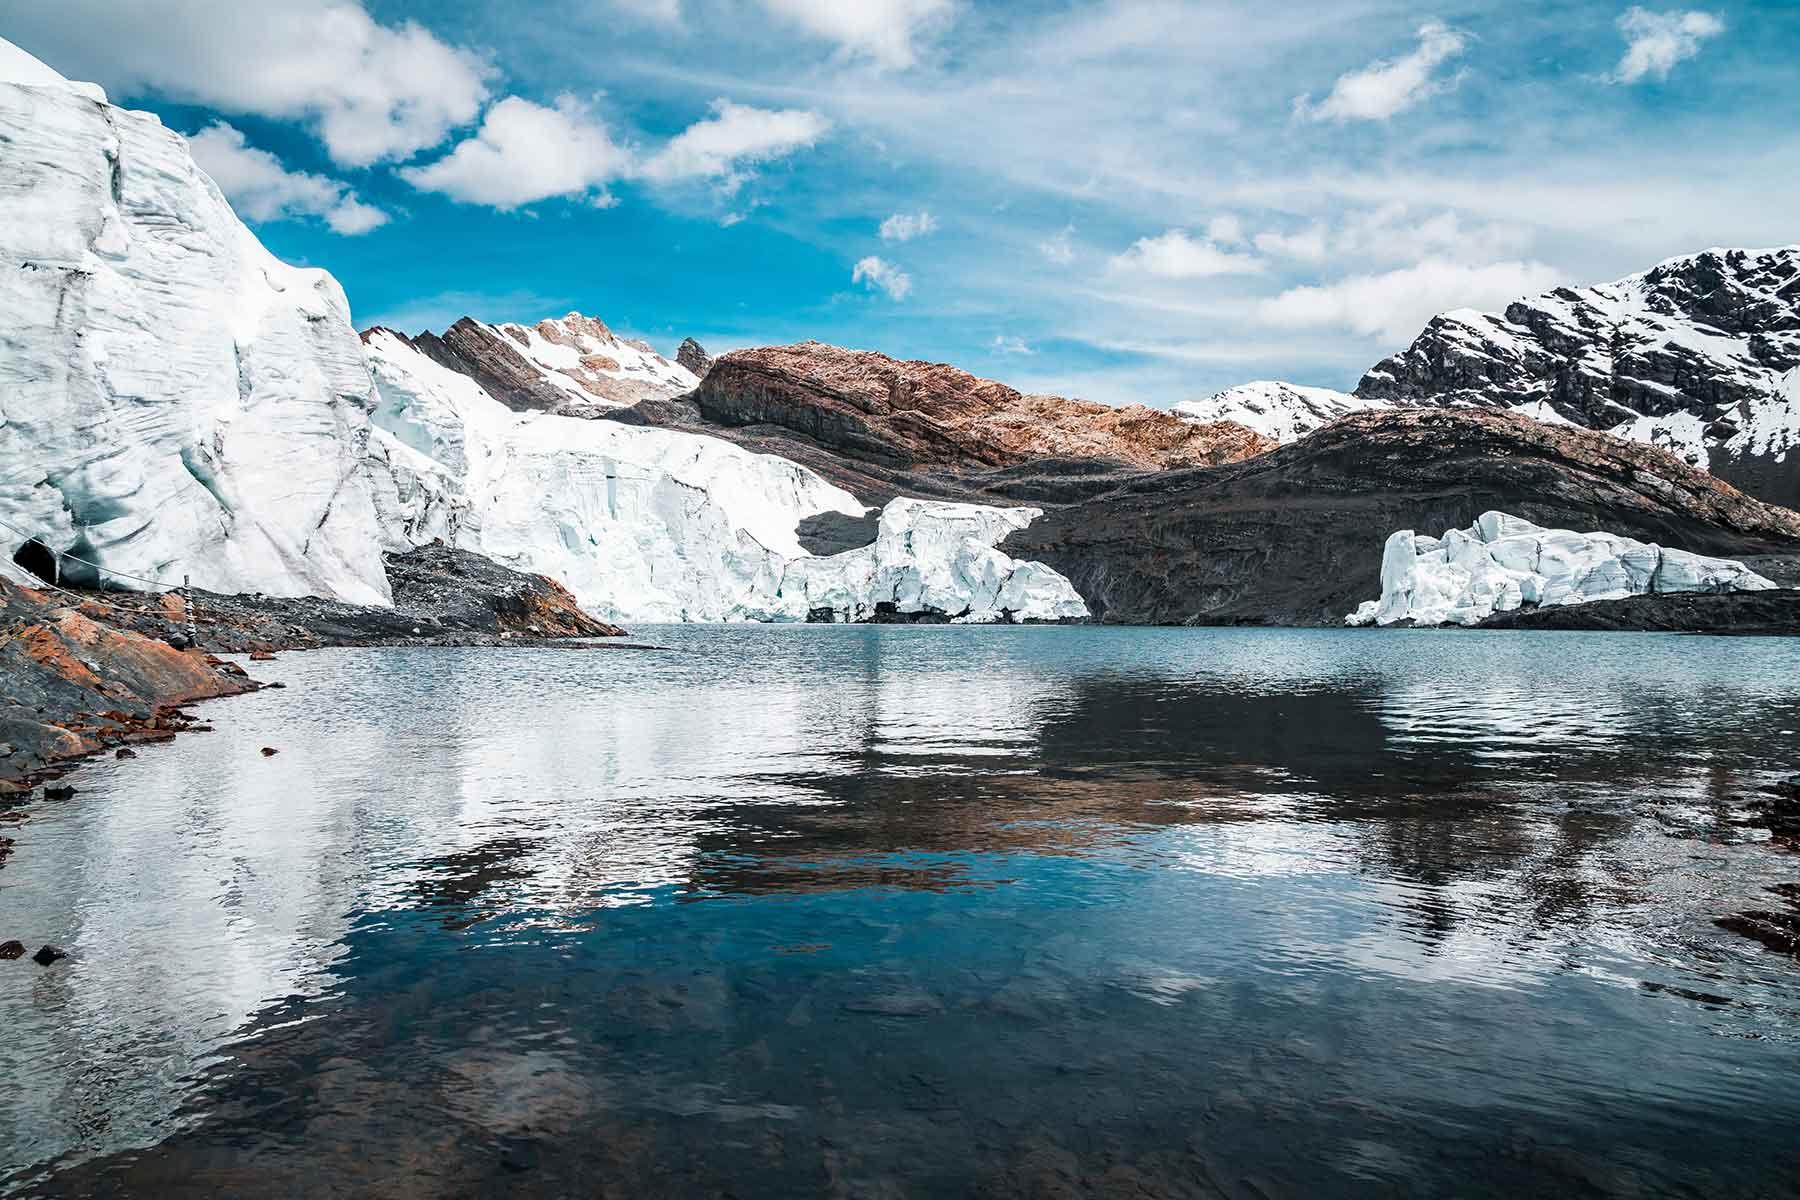 Resor-till-Peru-med-Nygren-&-Lind-Resebyrå---sjö-med-snö-runt